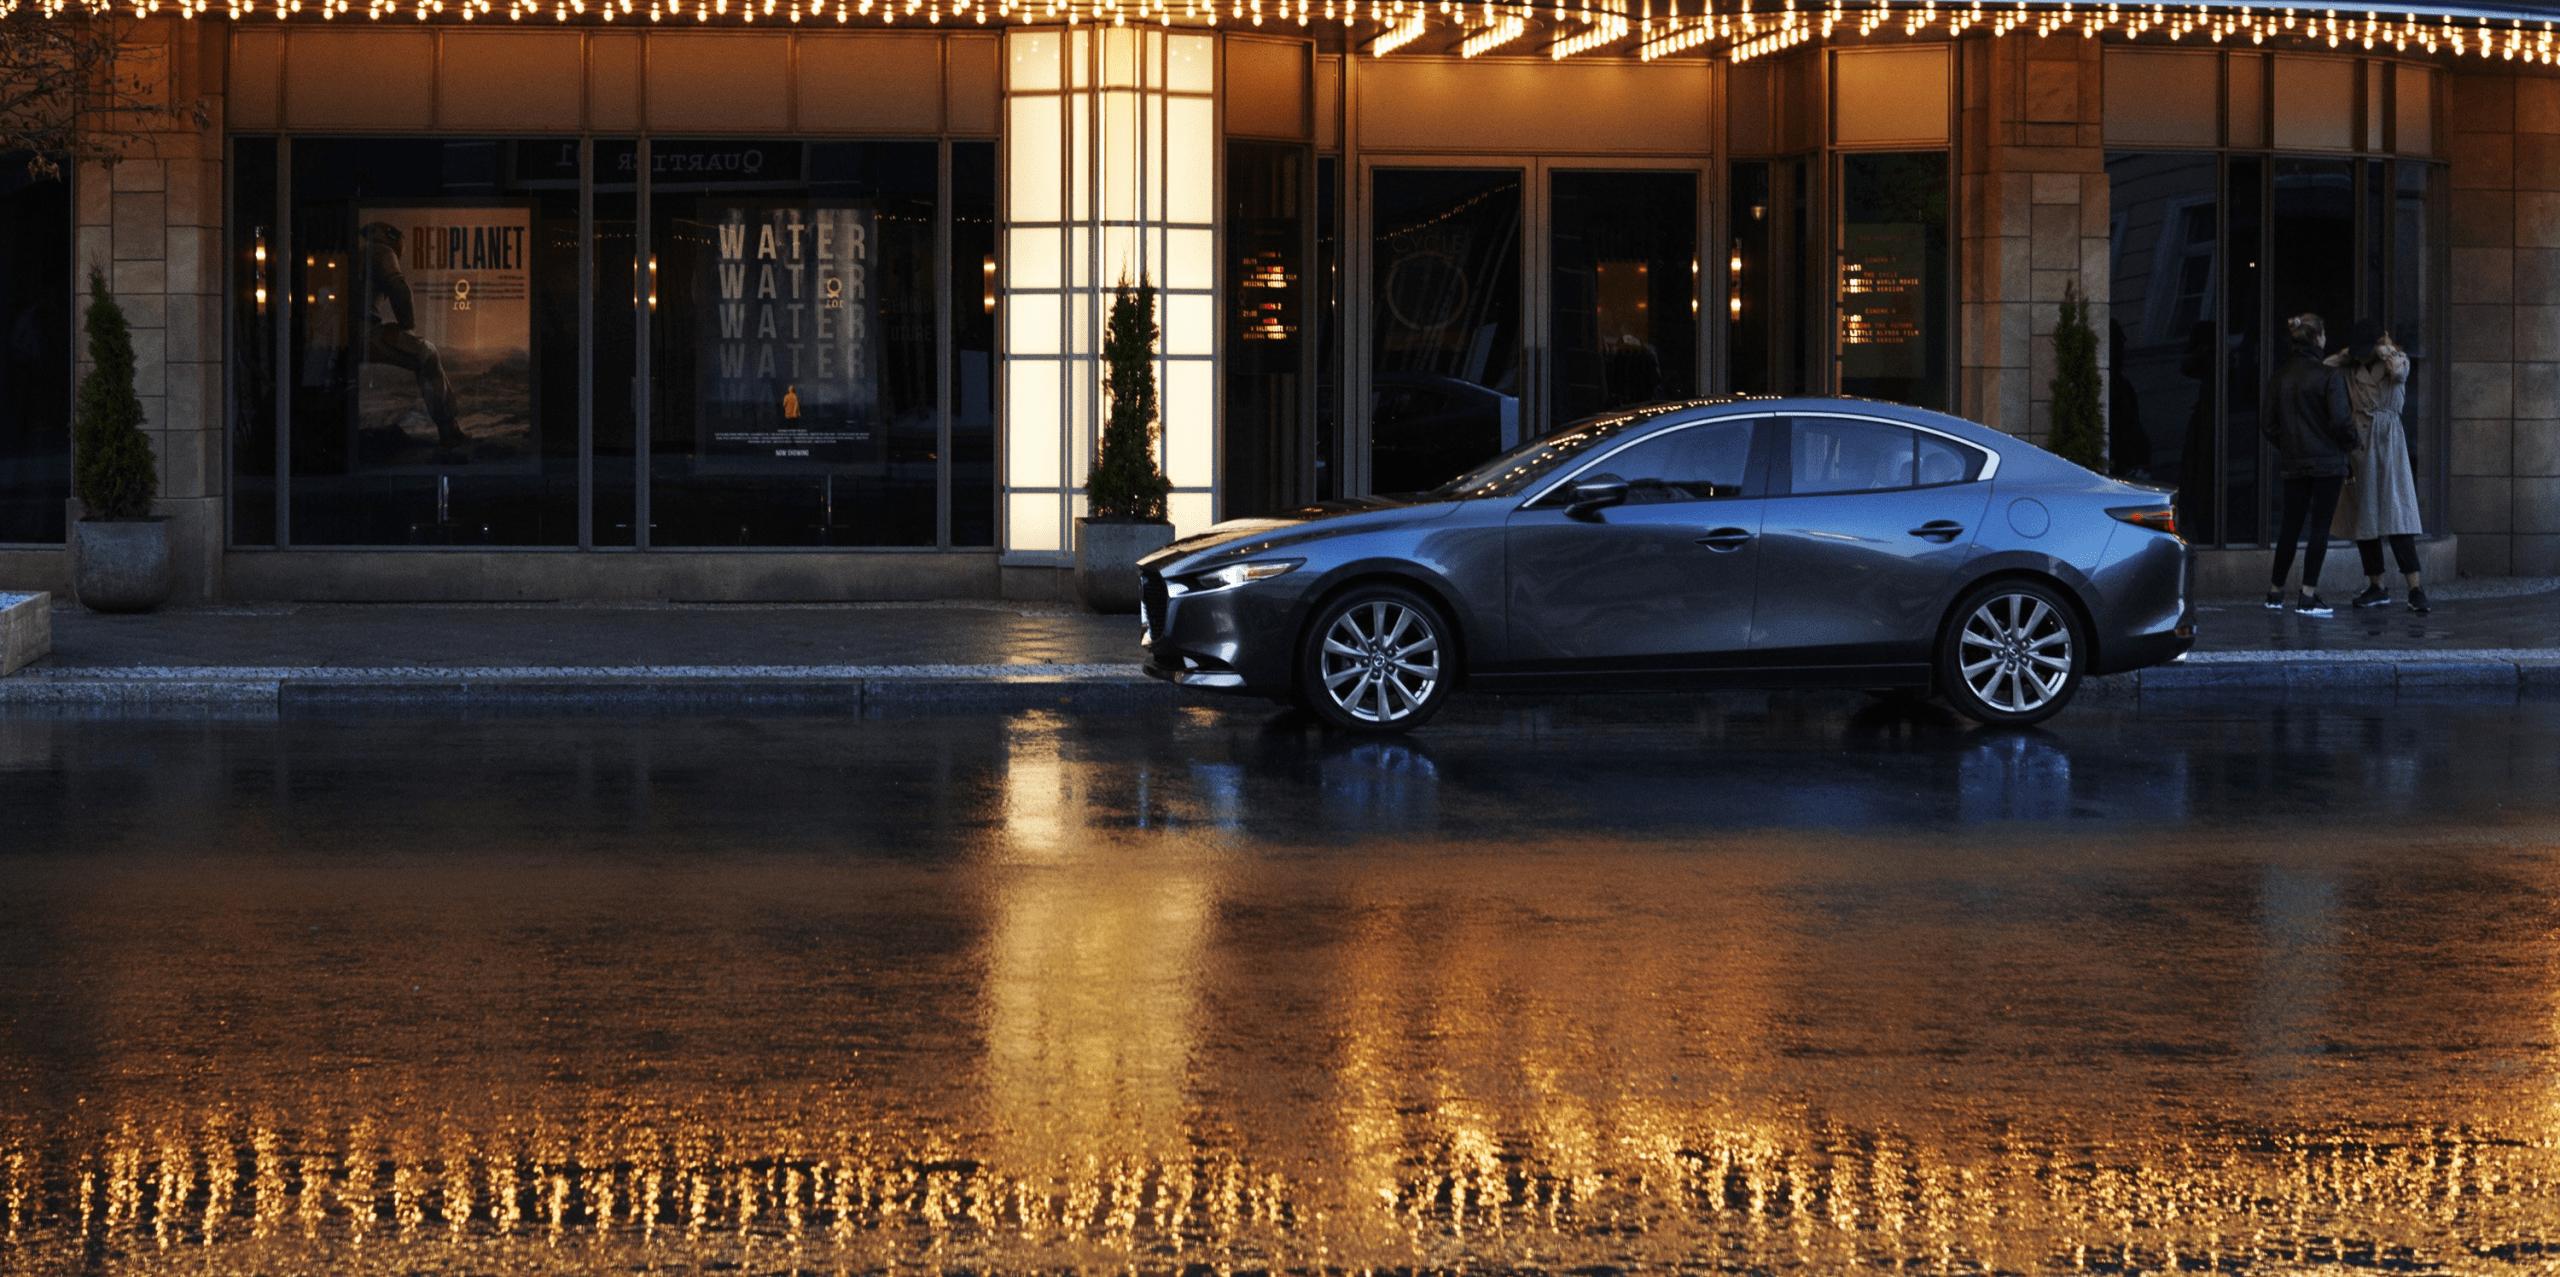 2021 Mazda Cx 9 Price and Release Date in 2020 Mazda